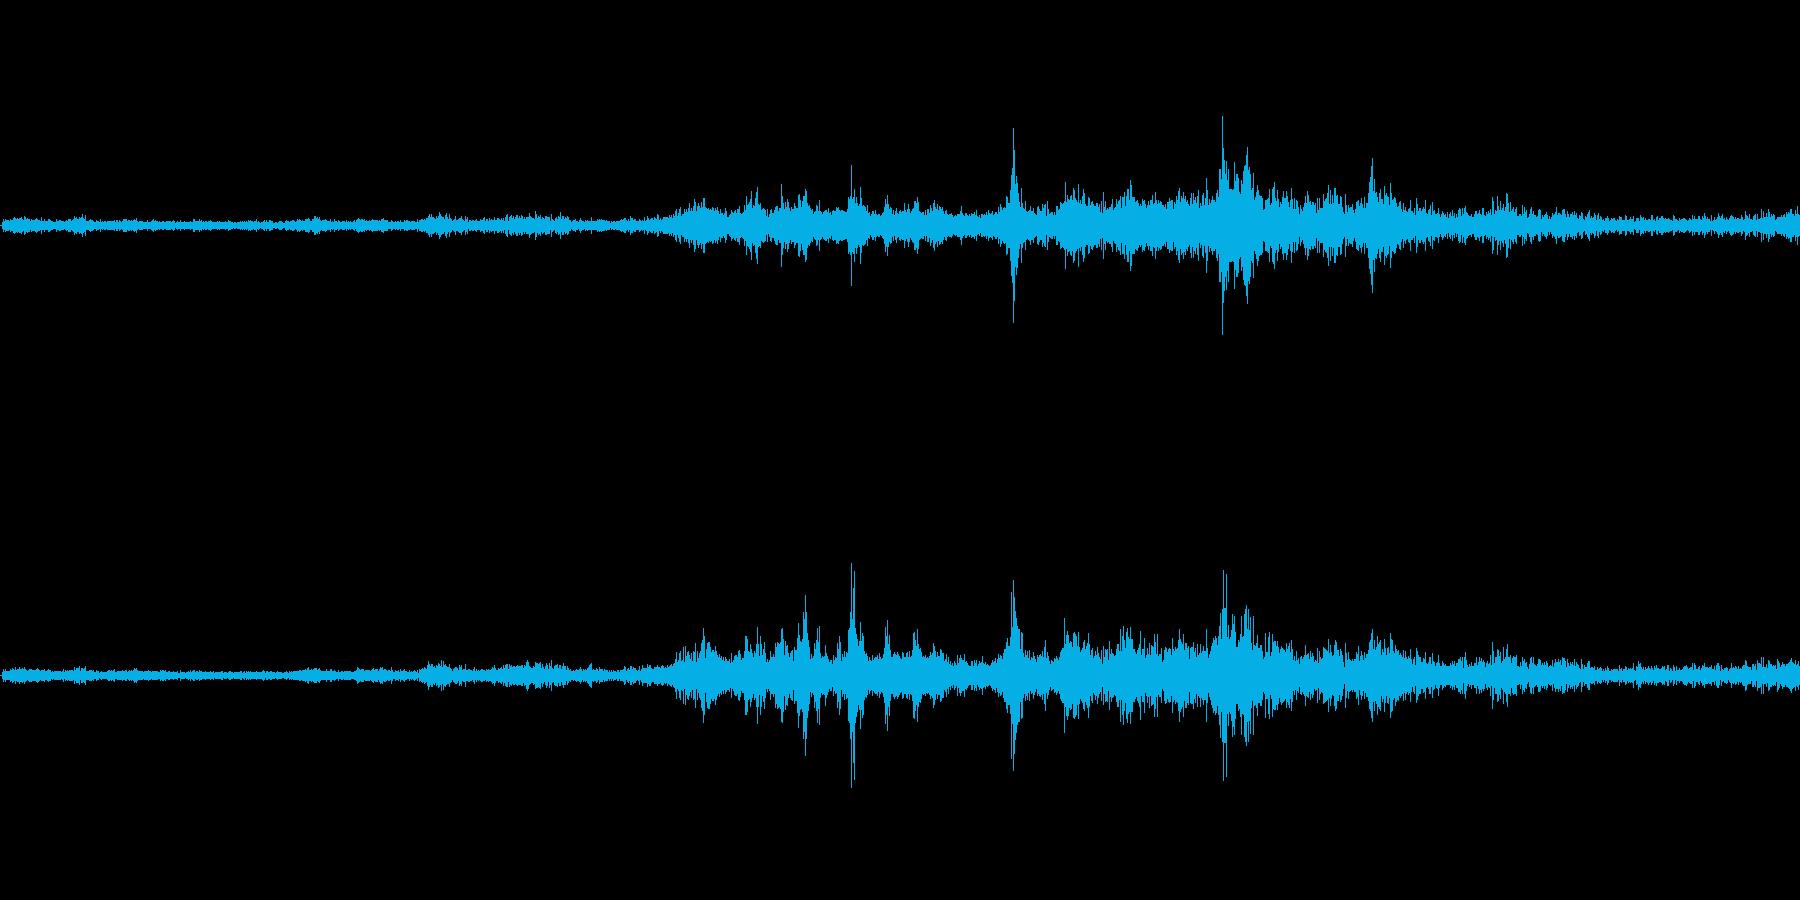 バイノーラル録音戦闘機5の再生済みの波形